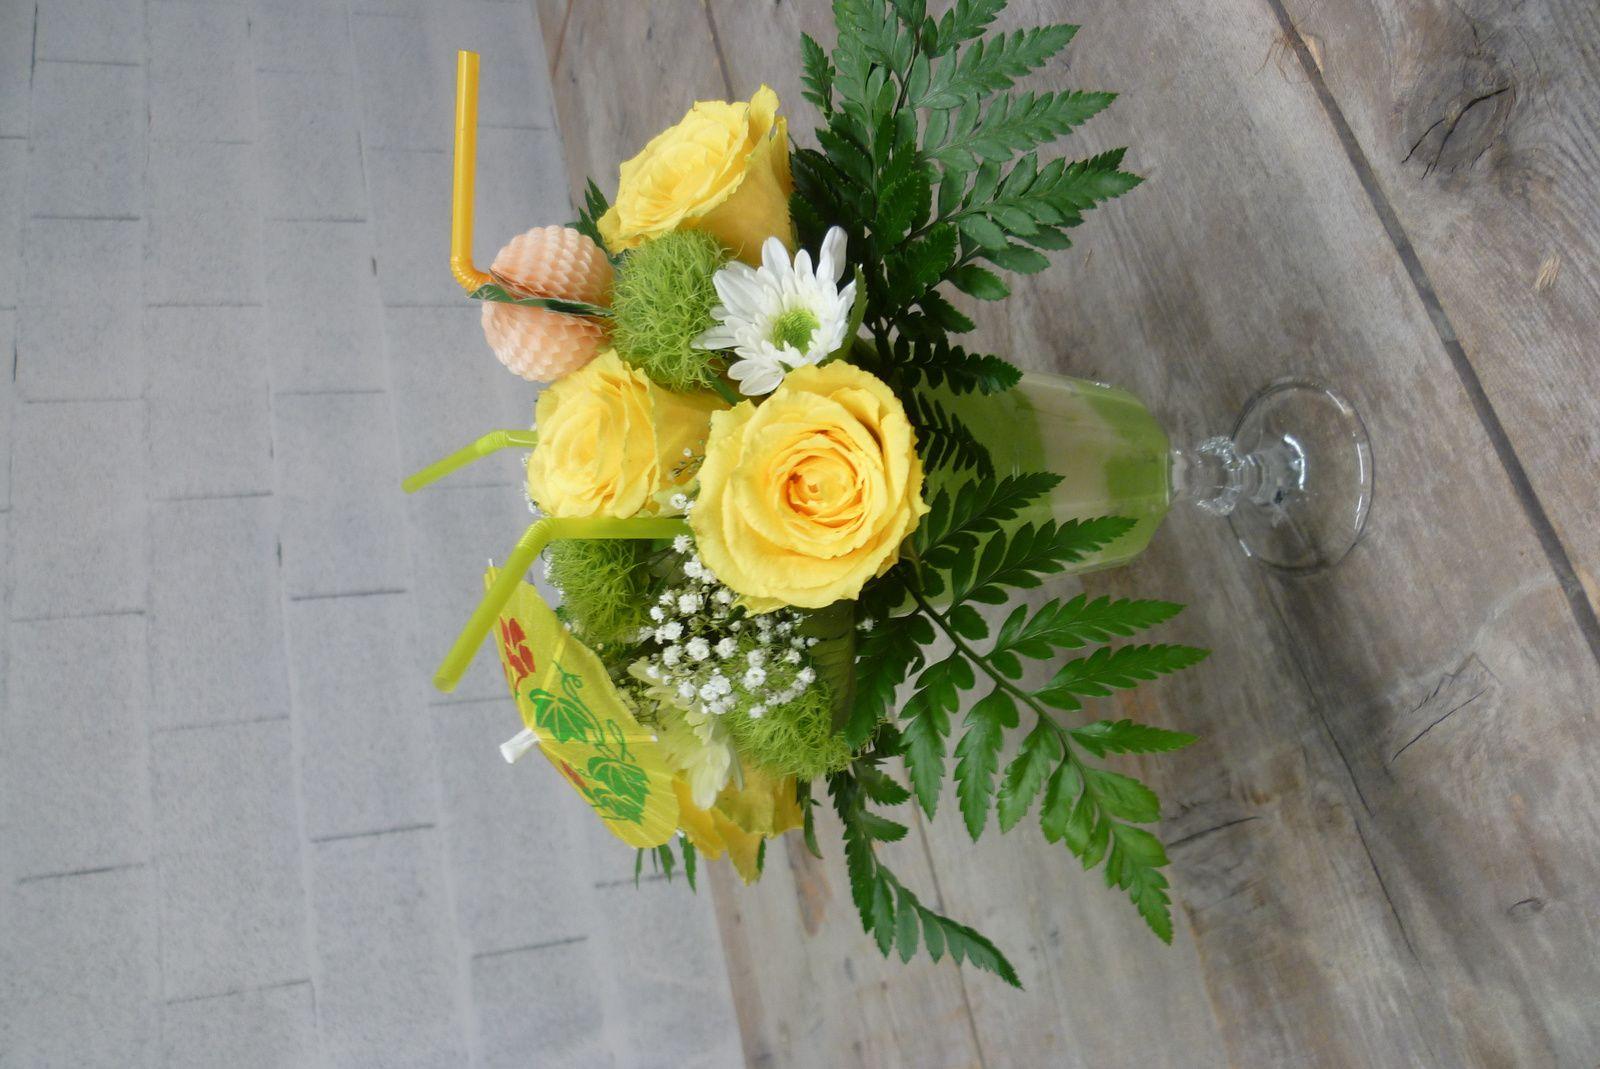 Art floral du jour : une coupe glacée